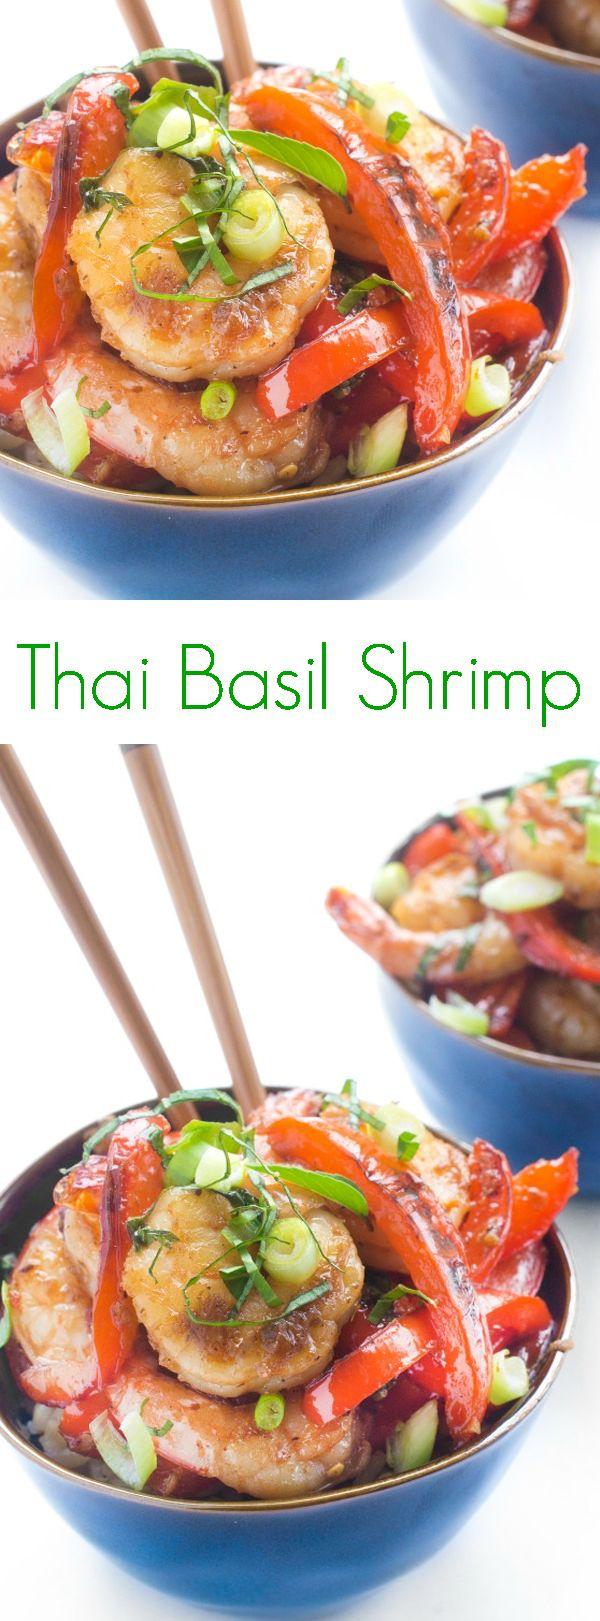 Thai Basil Shrimp - The Lemon Bowl